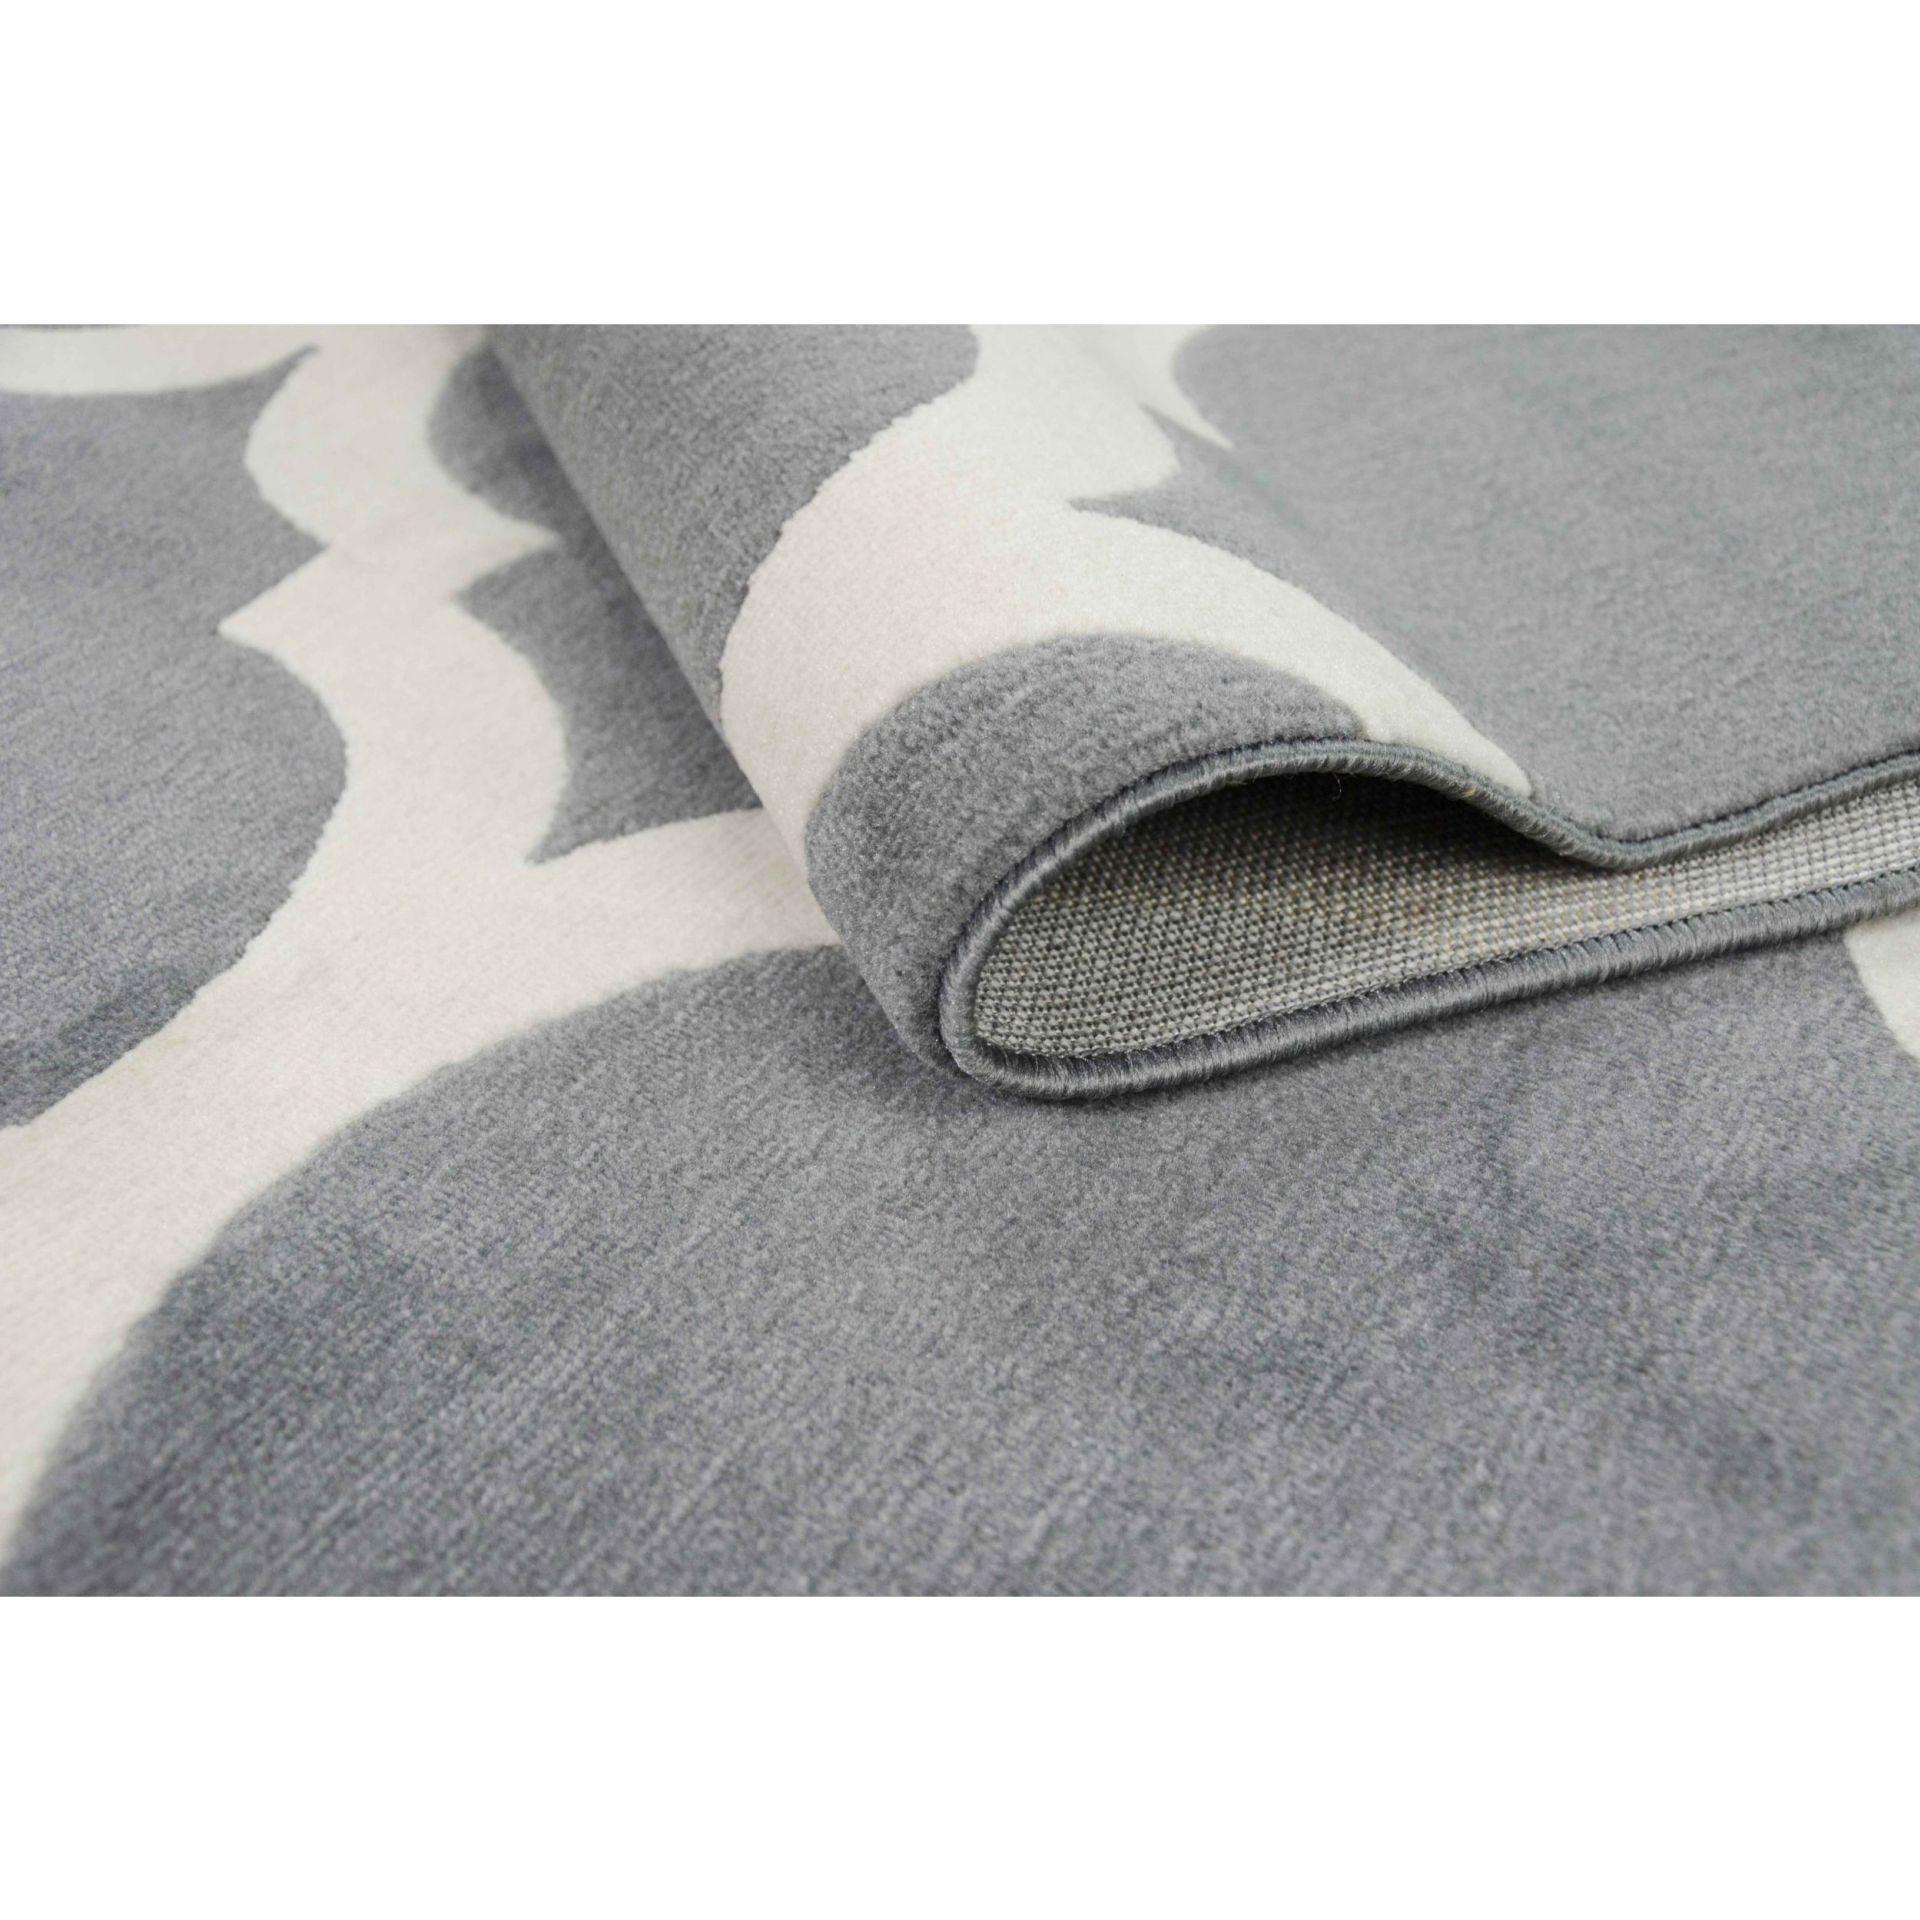 dywan nowoczesny canvas koniczyna maroka�ska szary sklep